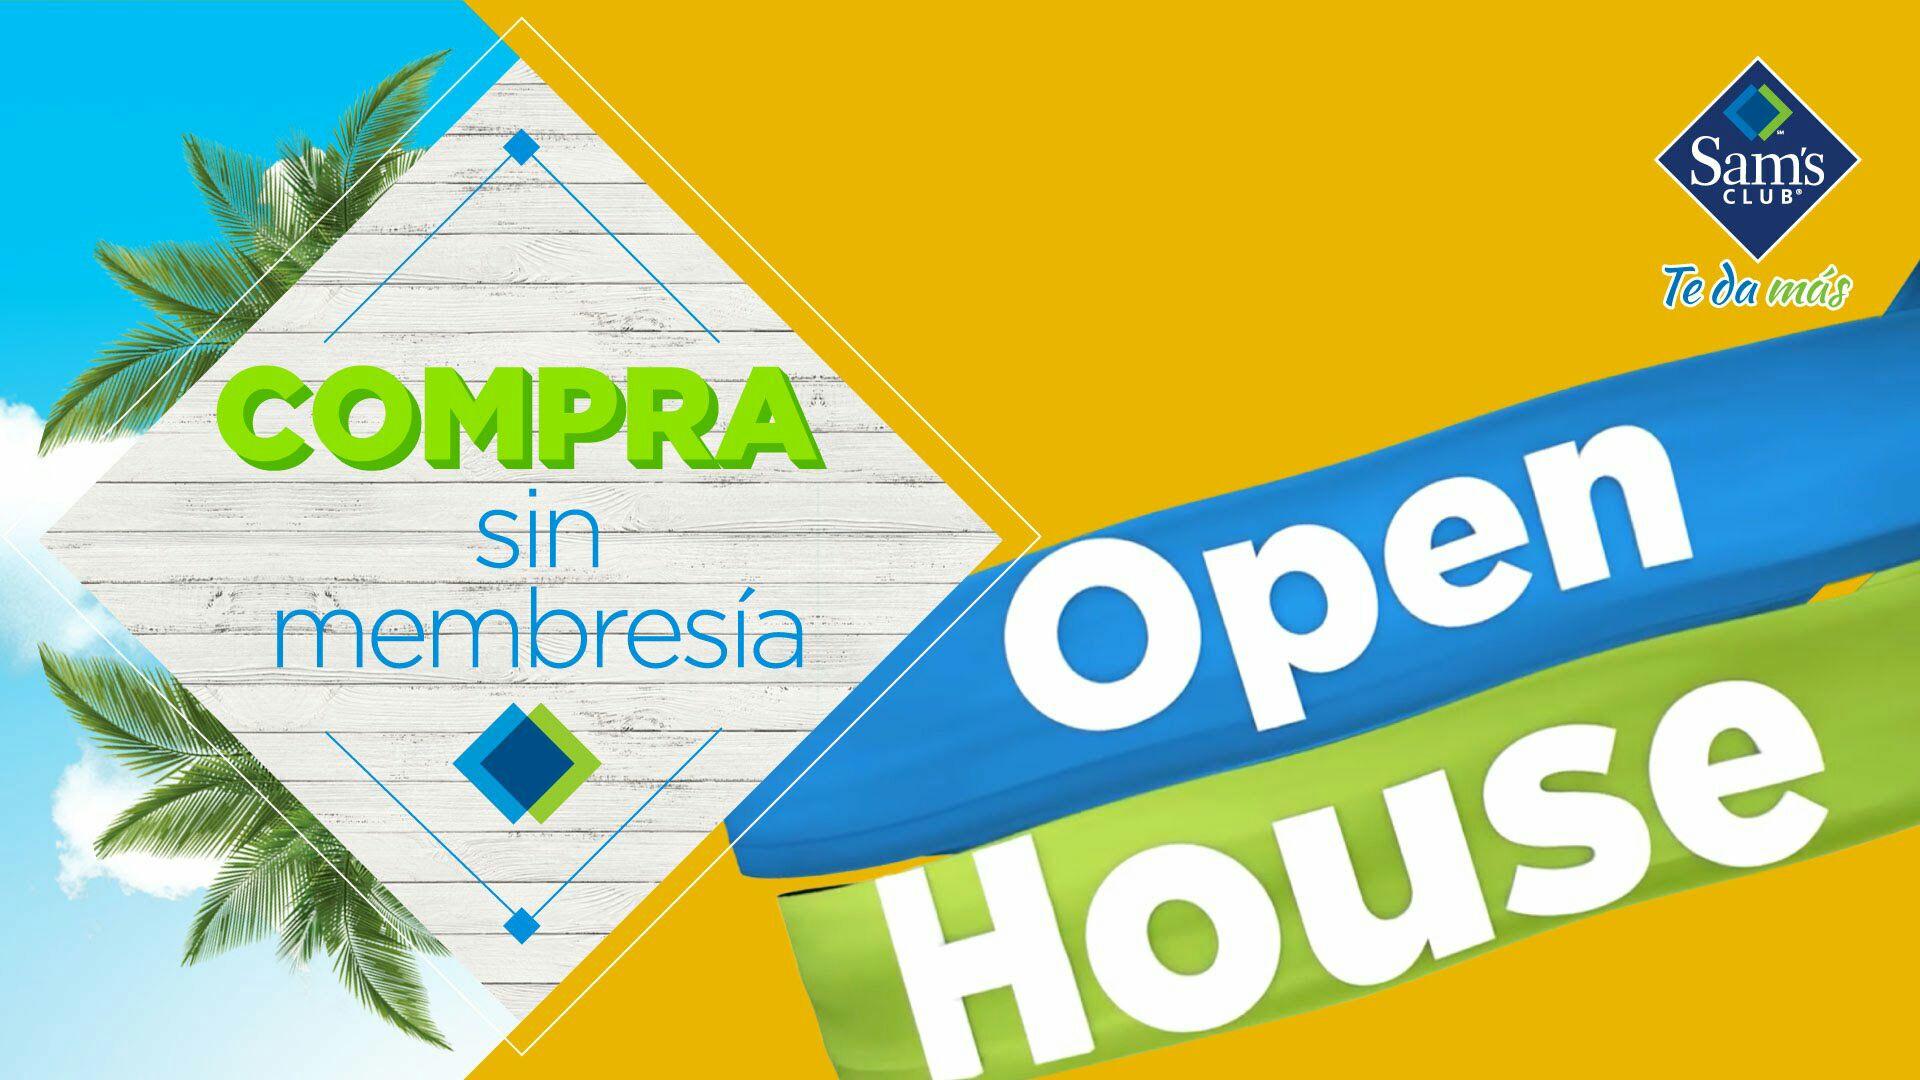 Sam's Club: OpenHouse para compra de víveres